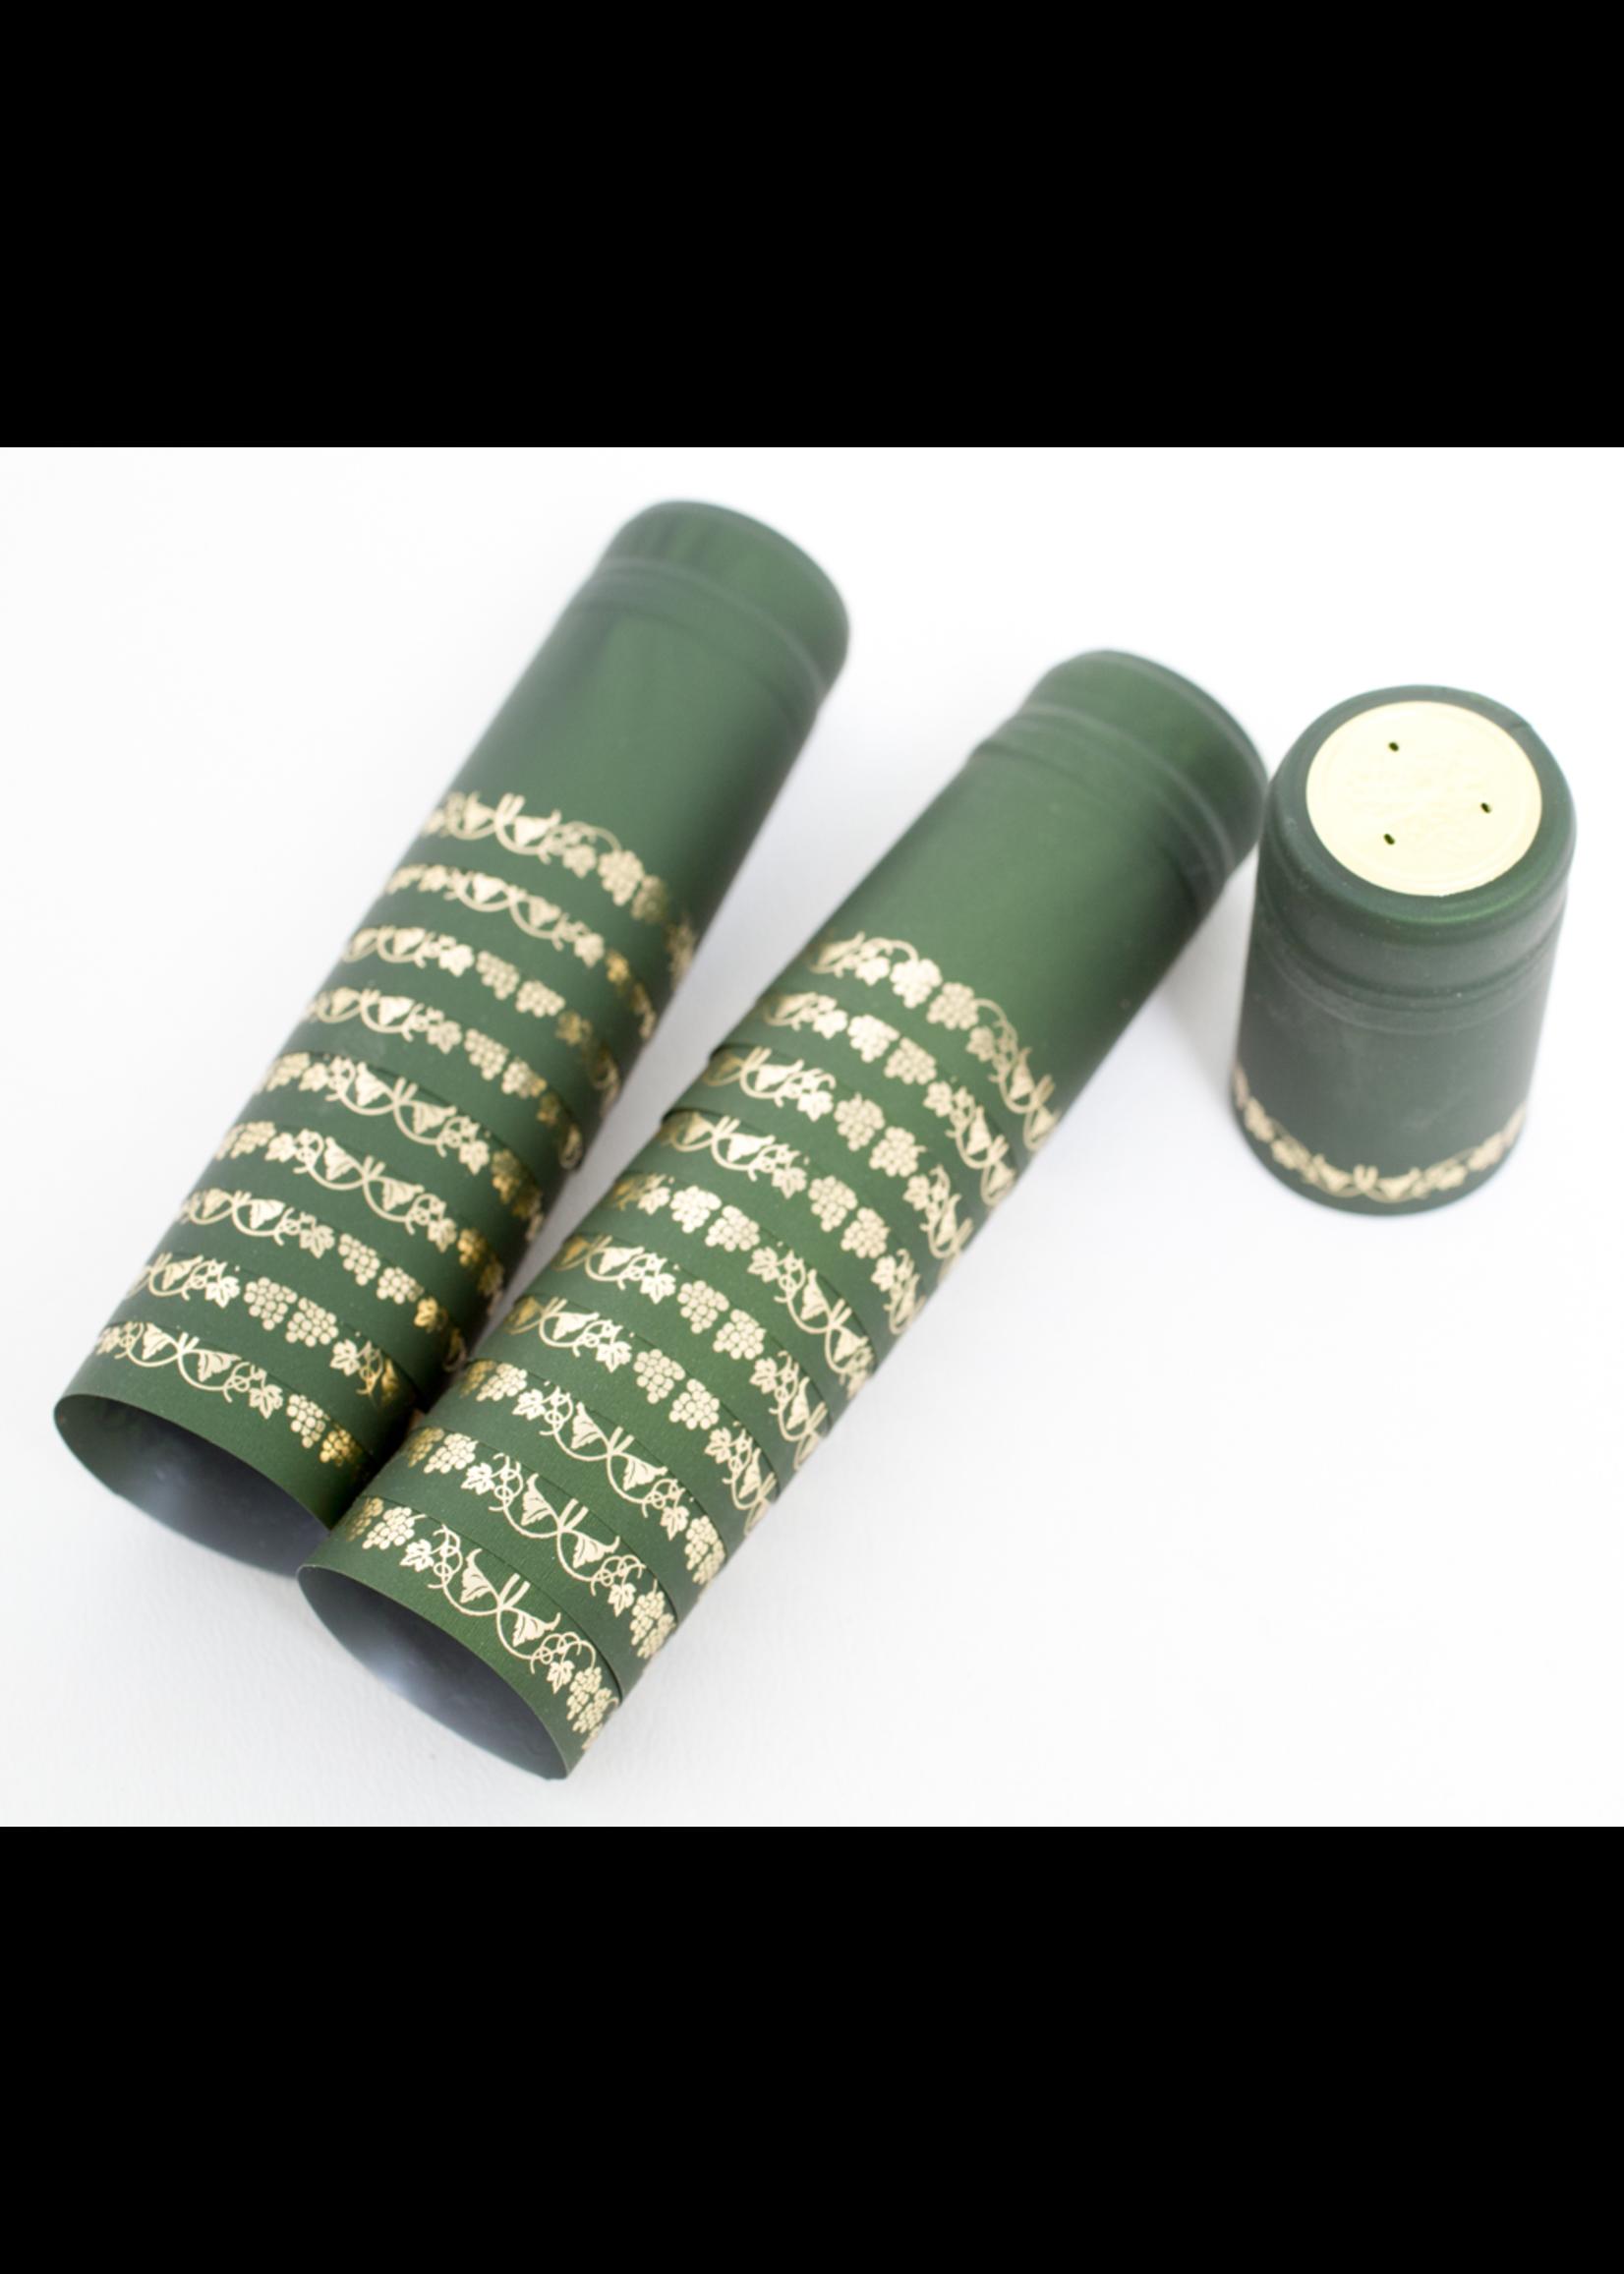 Racking/Bottling Shrink Capsules, PVC - Green/Gold Grapes (30/bag)